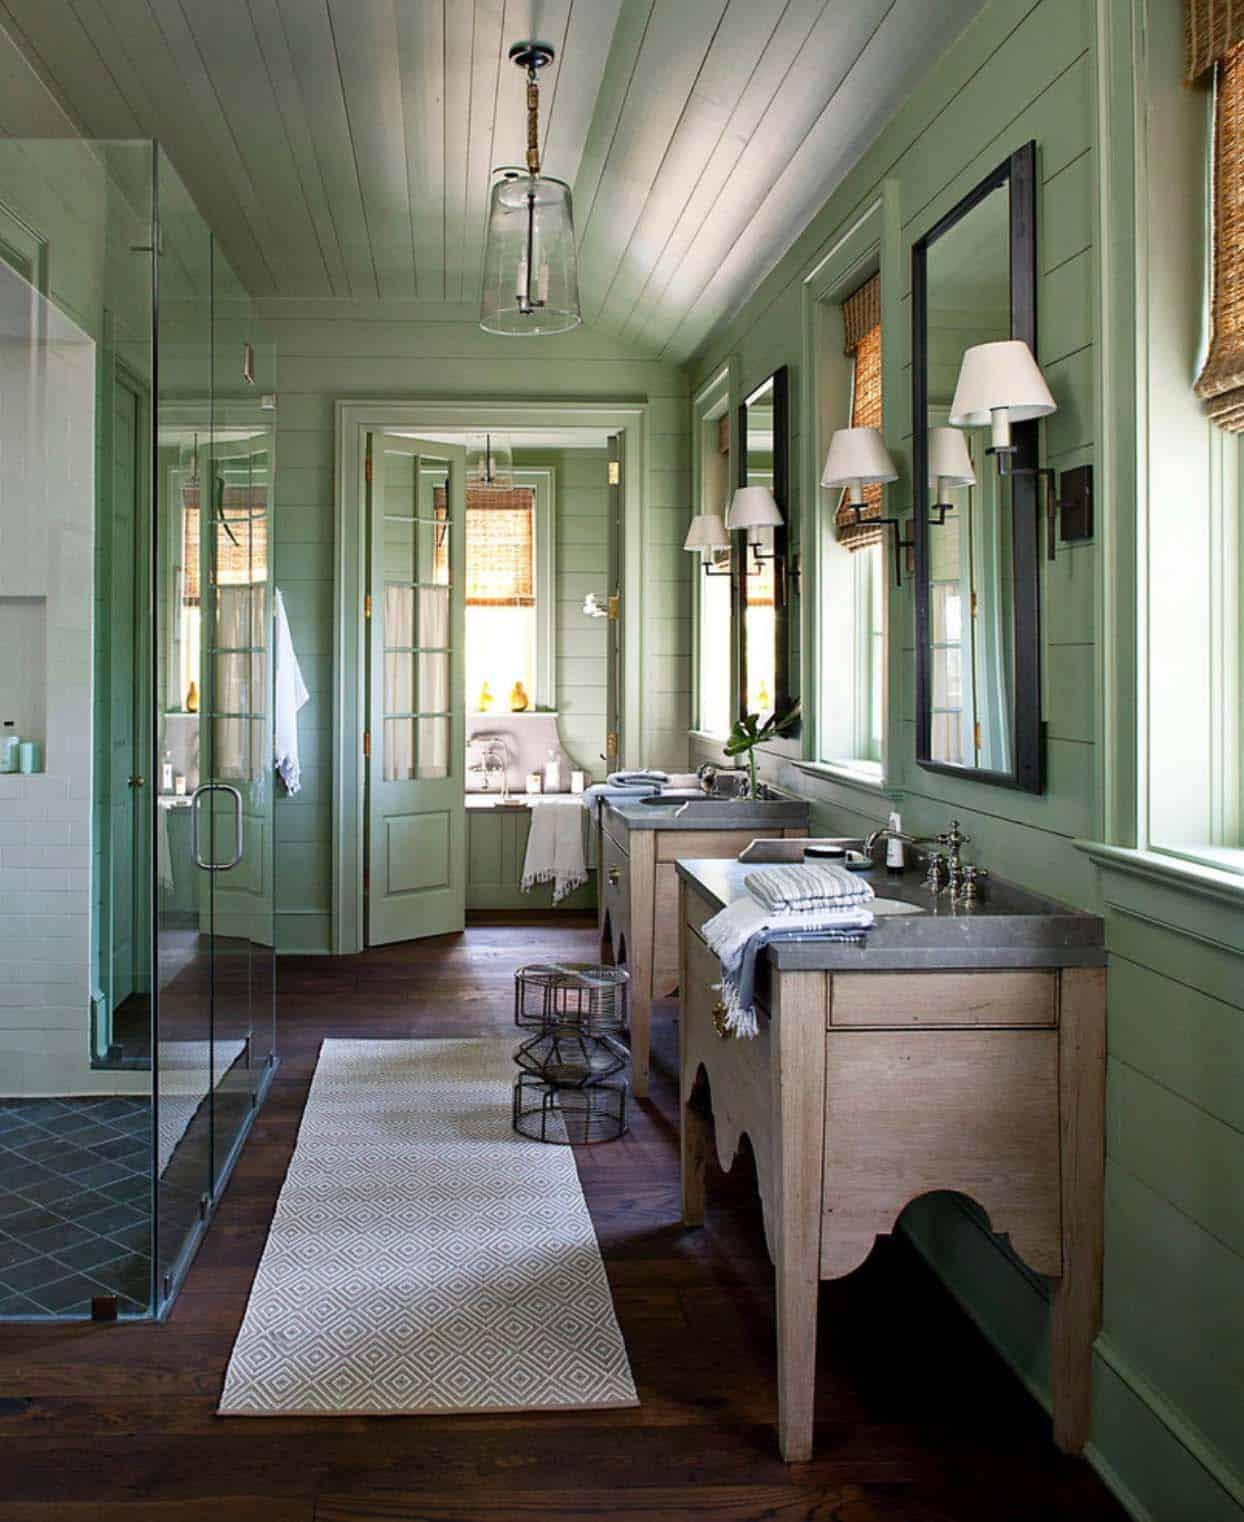 21 Gorgeous farmhouse style bathrooms you will love on Farmhouse Bathroom  id=26378